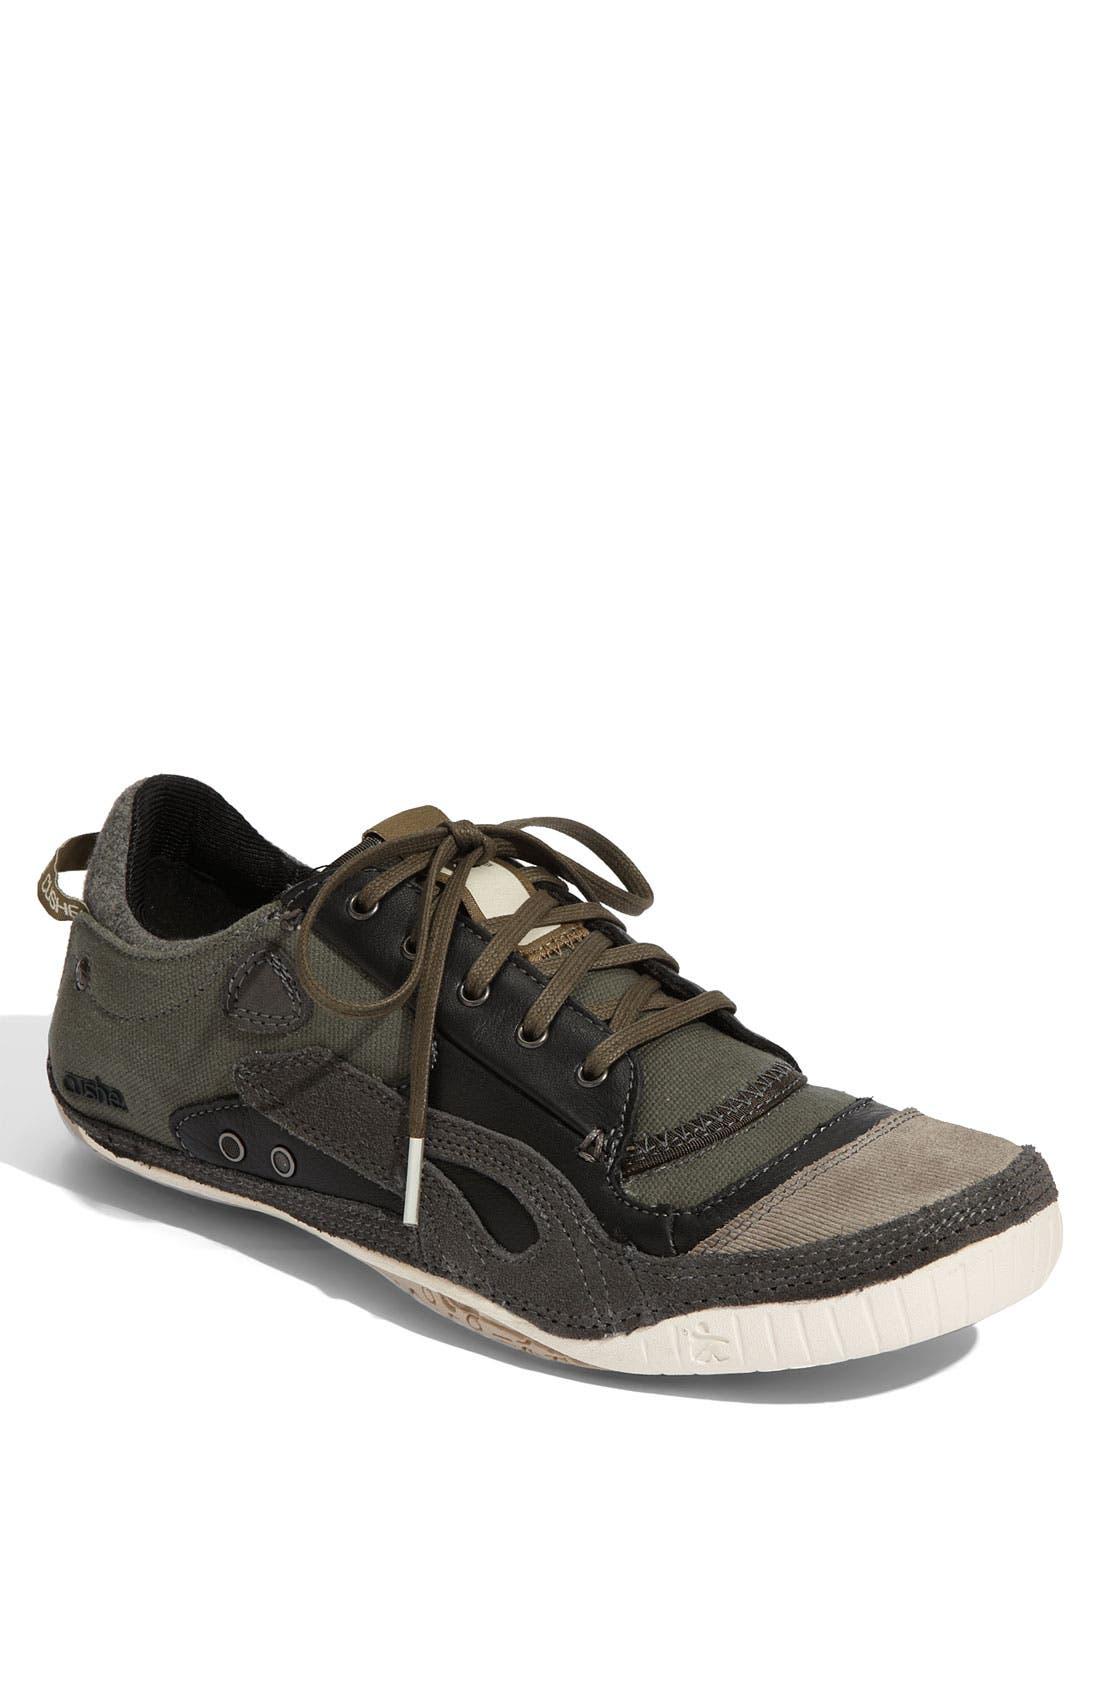 Main Image - Cushe 'Sneak' Sneaker